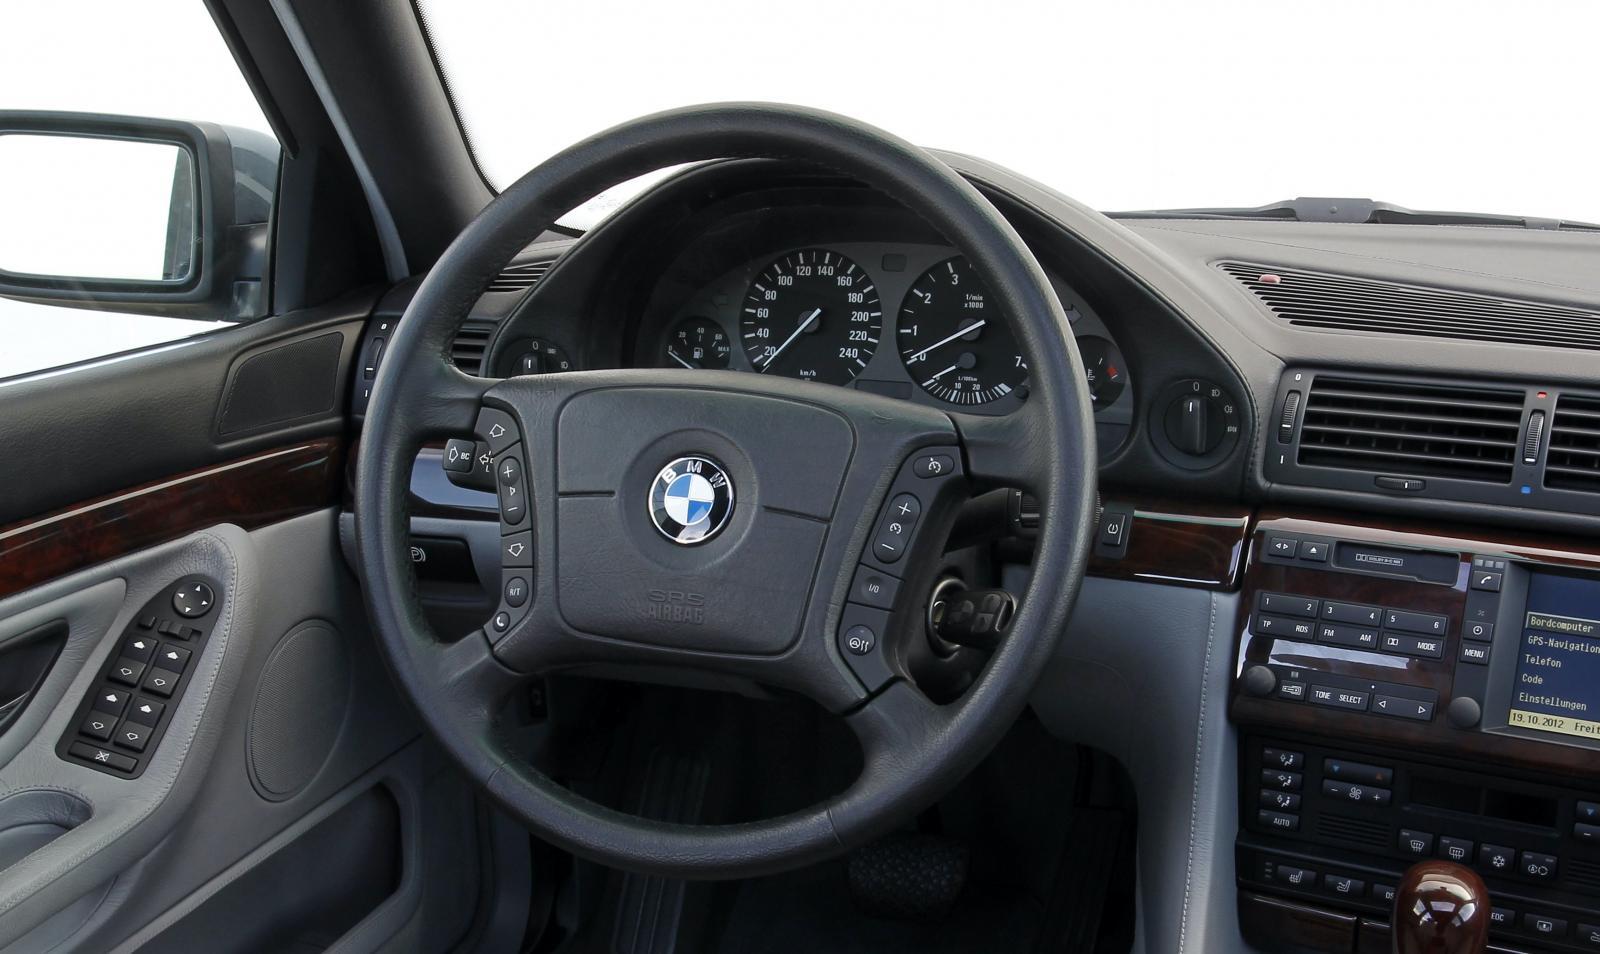 På 1990-talet hade BMW föredömligt enkel mätardesign. Här i E38-generationens BMW 750i.